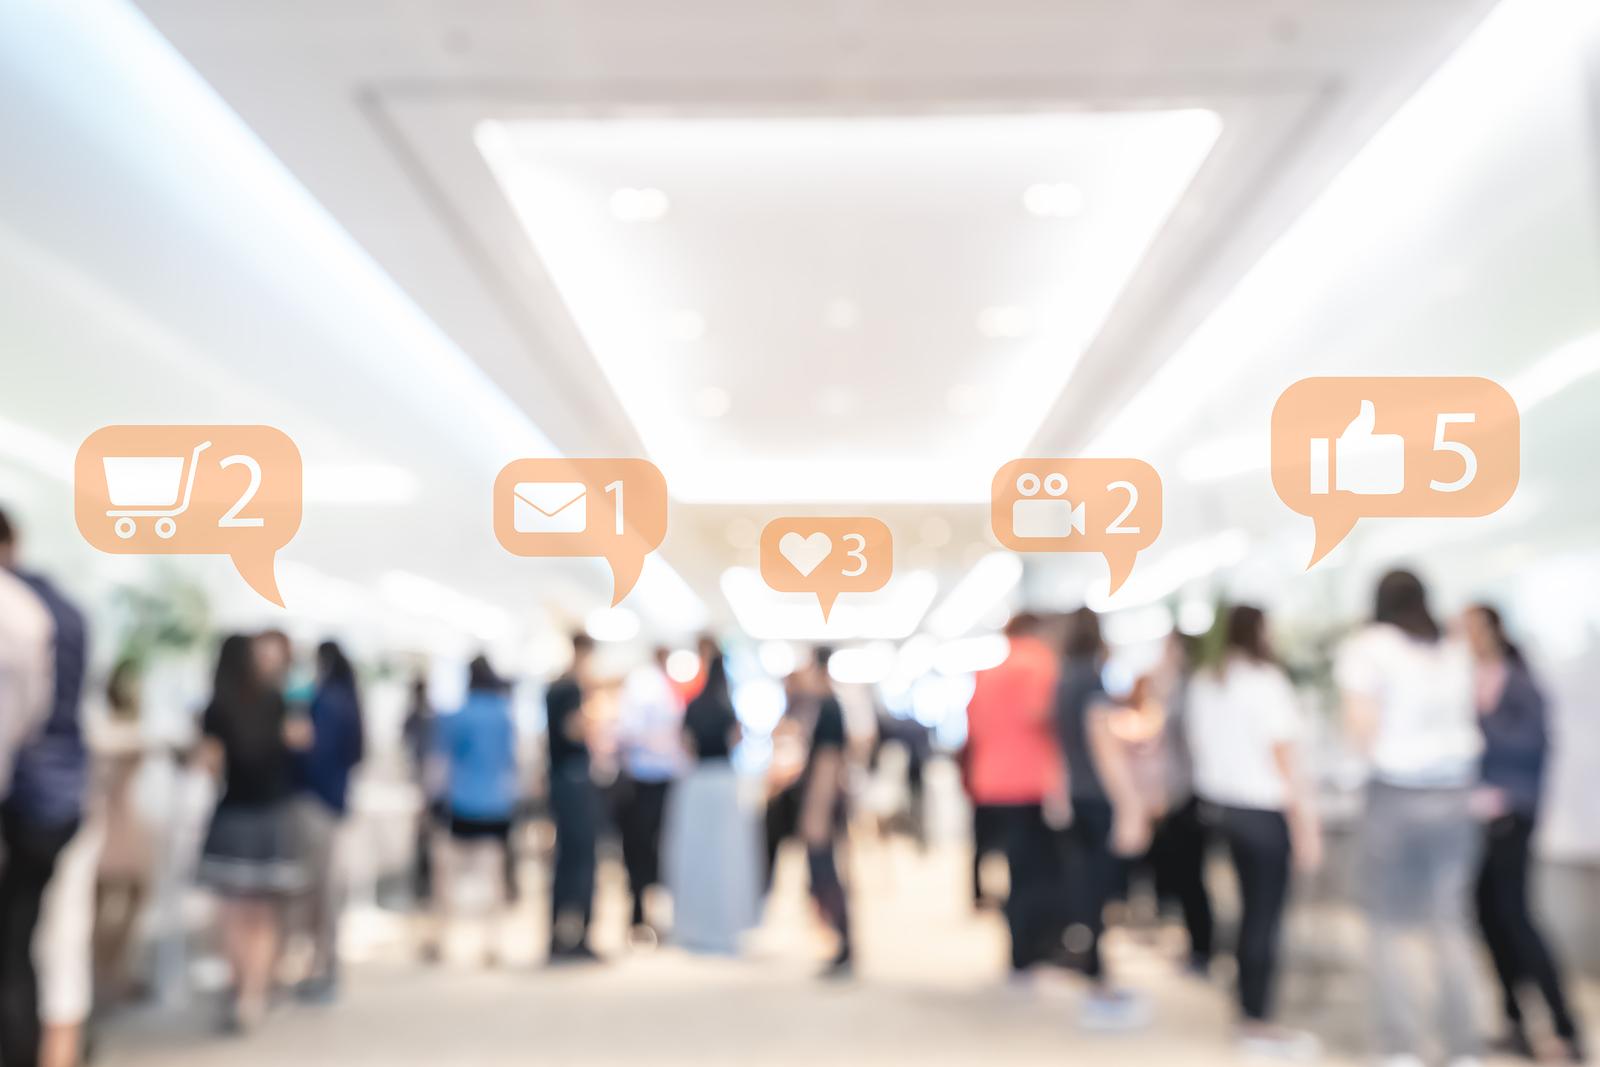 Gestire efficacemente il rischio sui social media